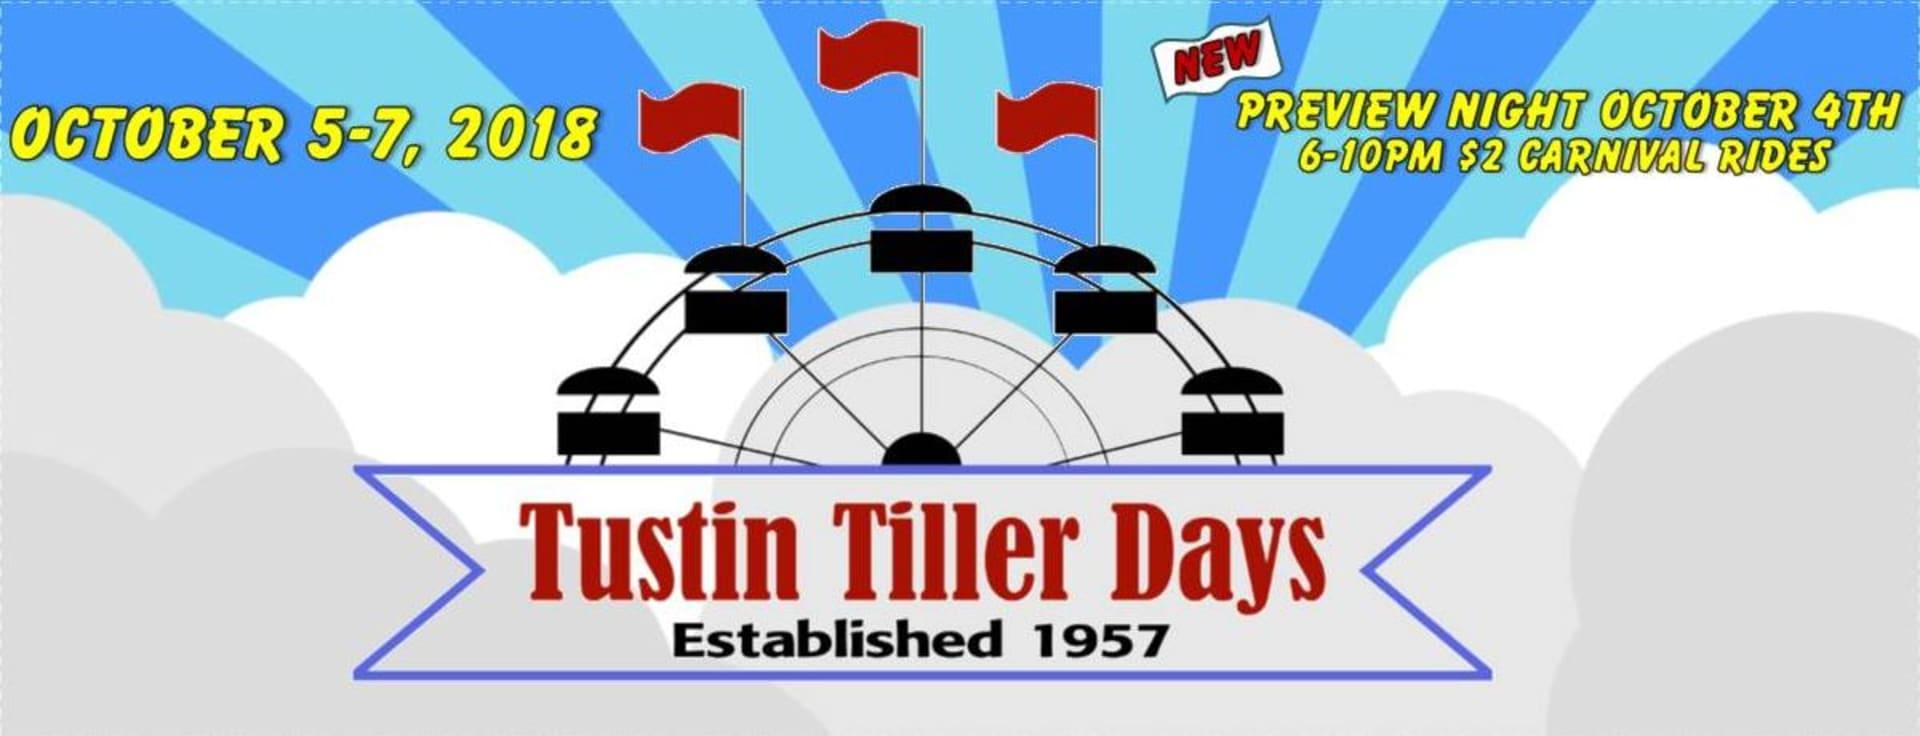 OCT 5-7 | Tustin Tiller Days